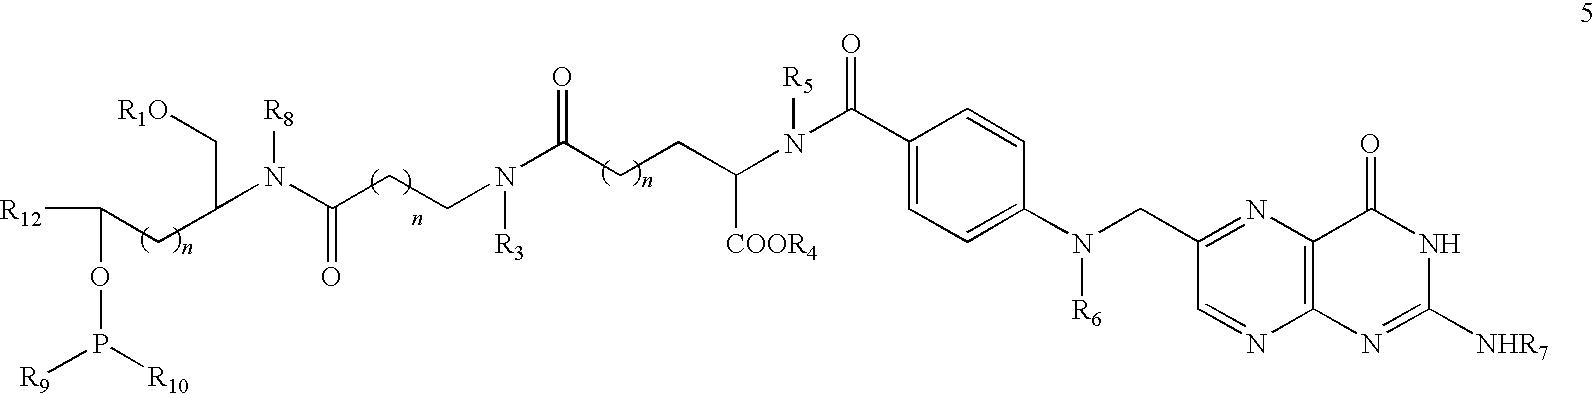 Figure US07833992-20101116-C00005